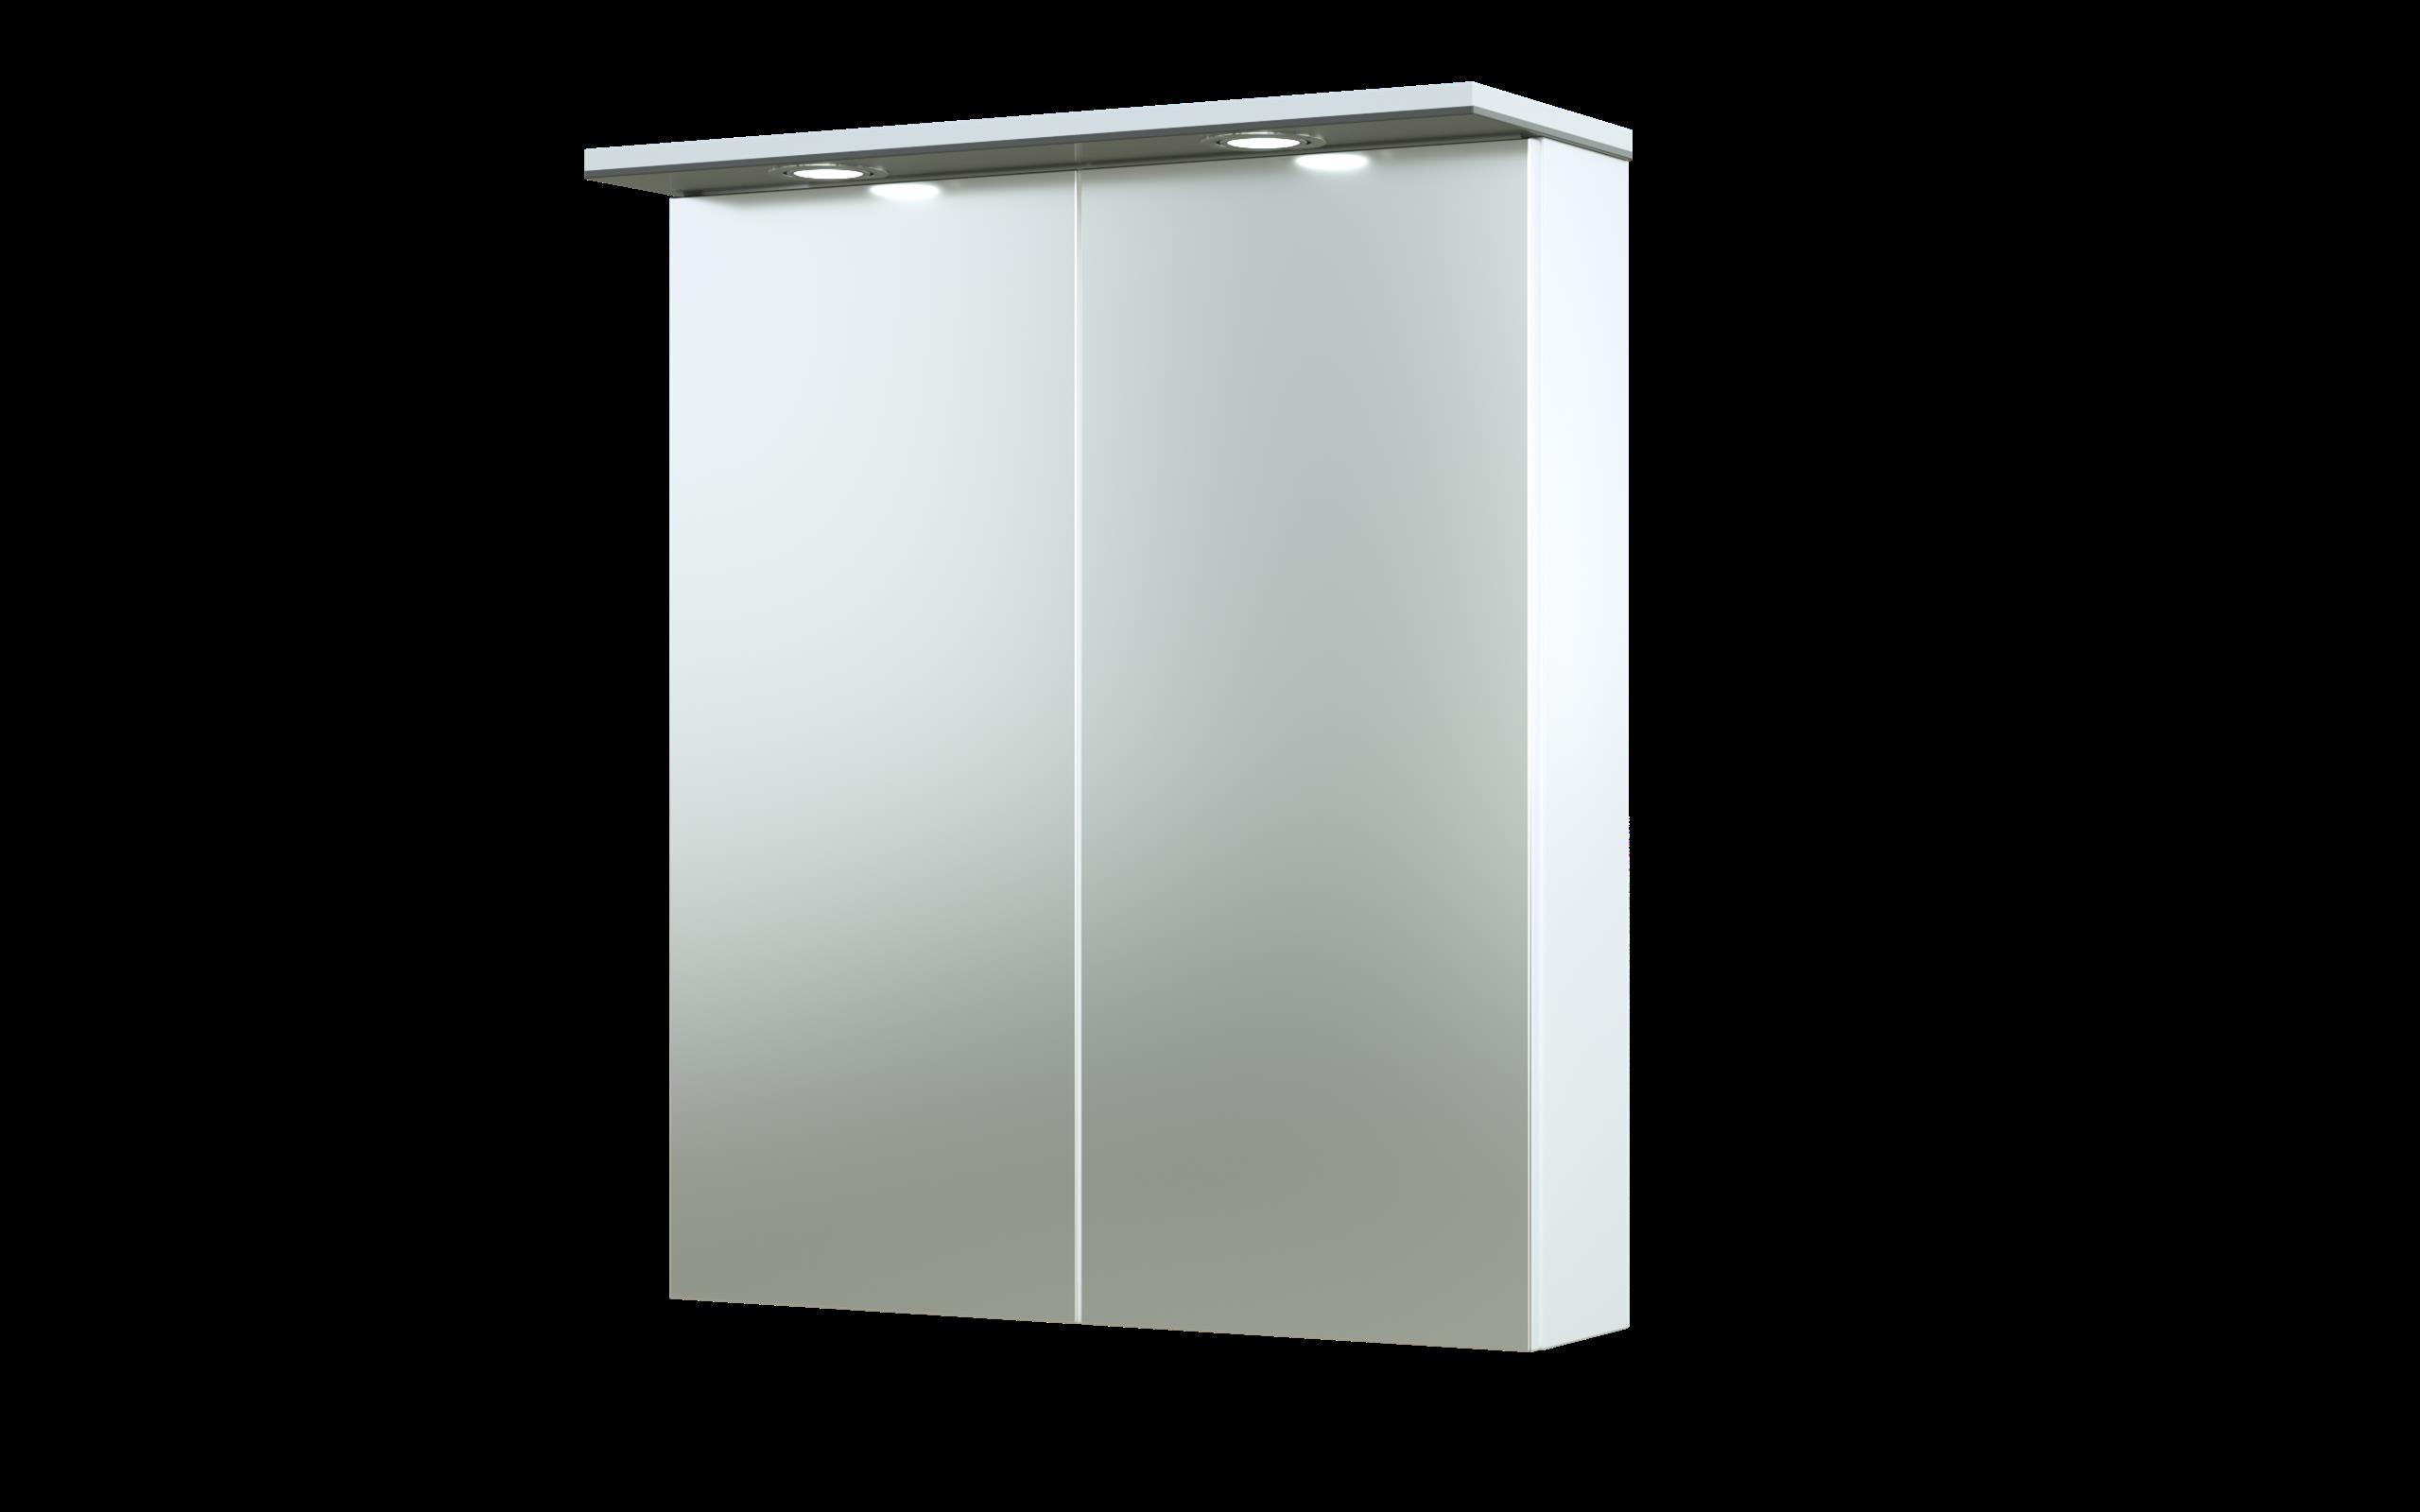 Bad LED Spiegelschrank Allegro 61 Grau glänzend Bild 1